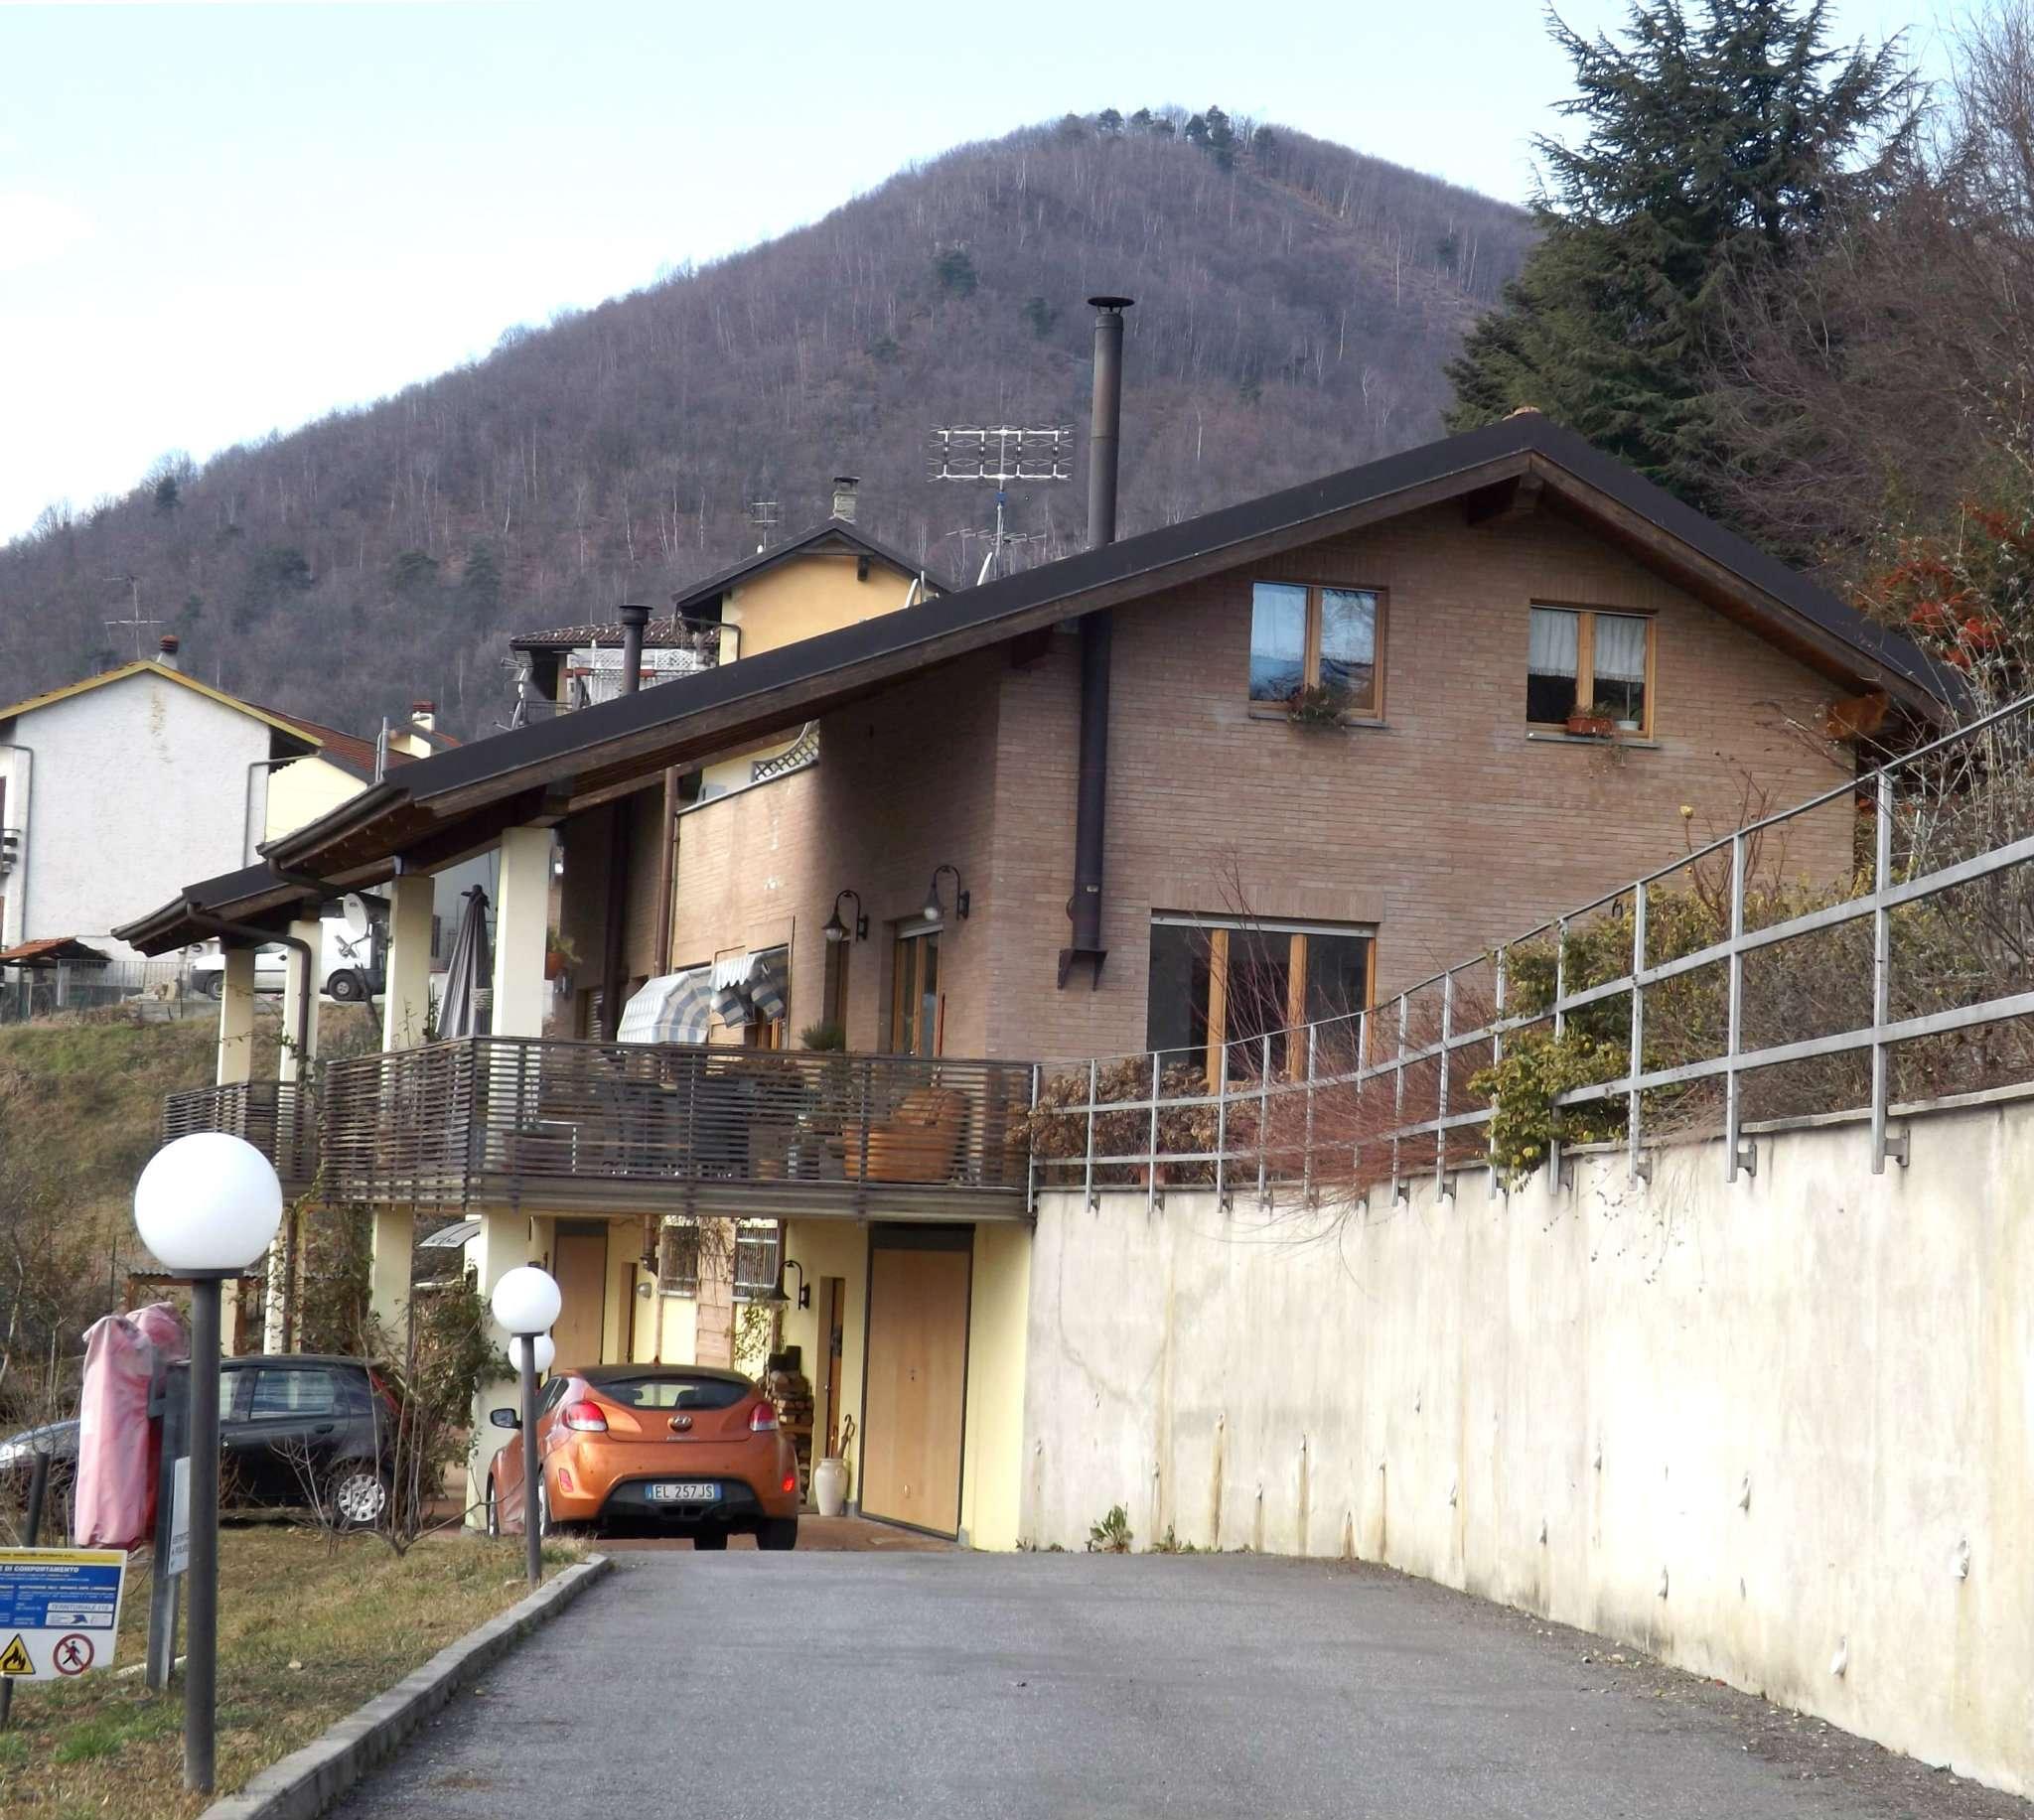 Soluzione Semindipendente in vendita a Valgioie, 8 locali, prezzo € 248.000 | CambioCasa.it